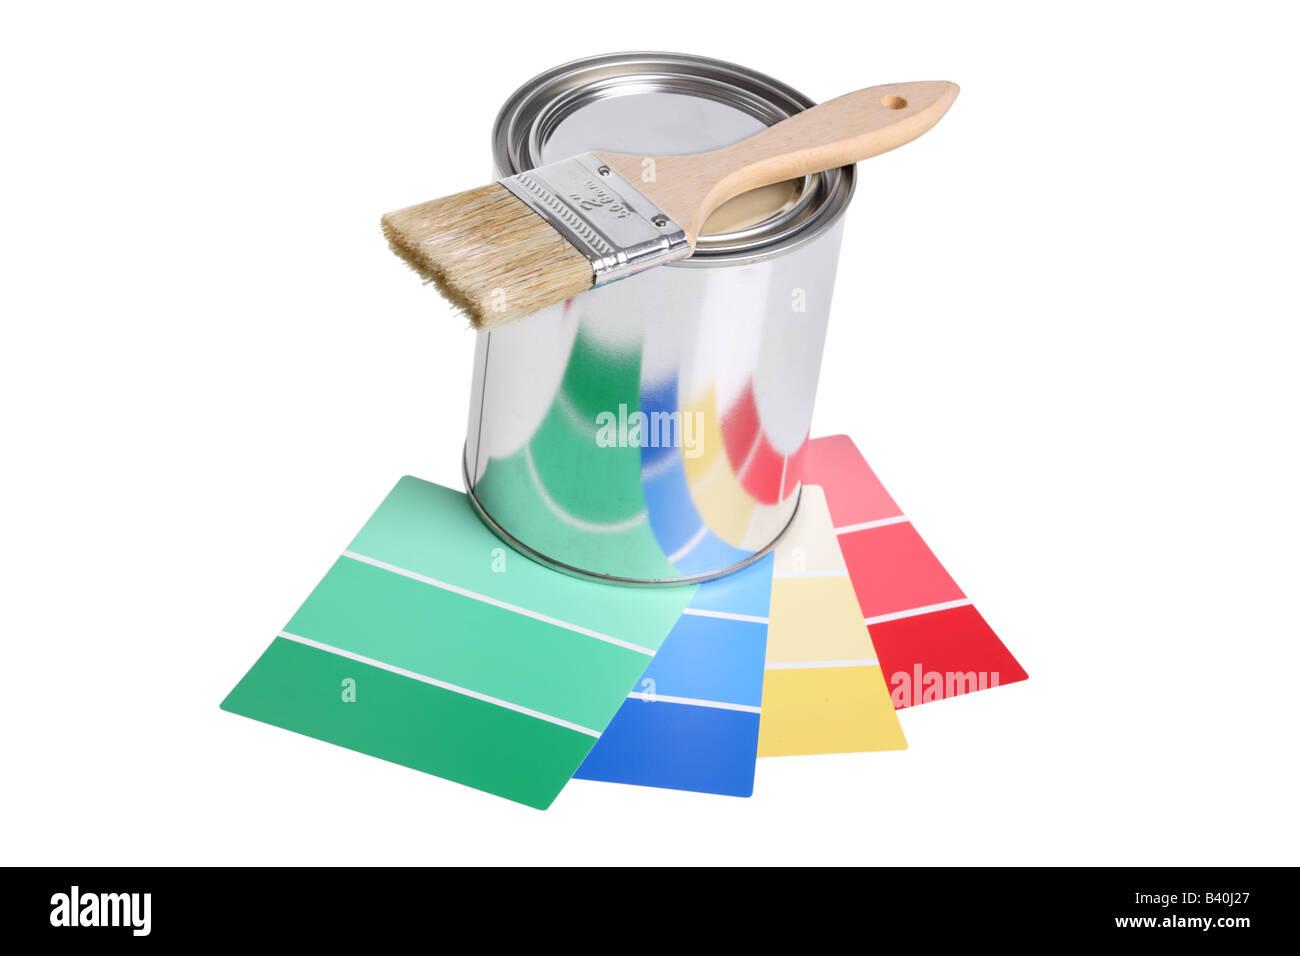 Le pinceau de peinture et des couleurs du nuancier découper isolé sur fond blanc Photo Stock